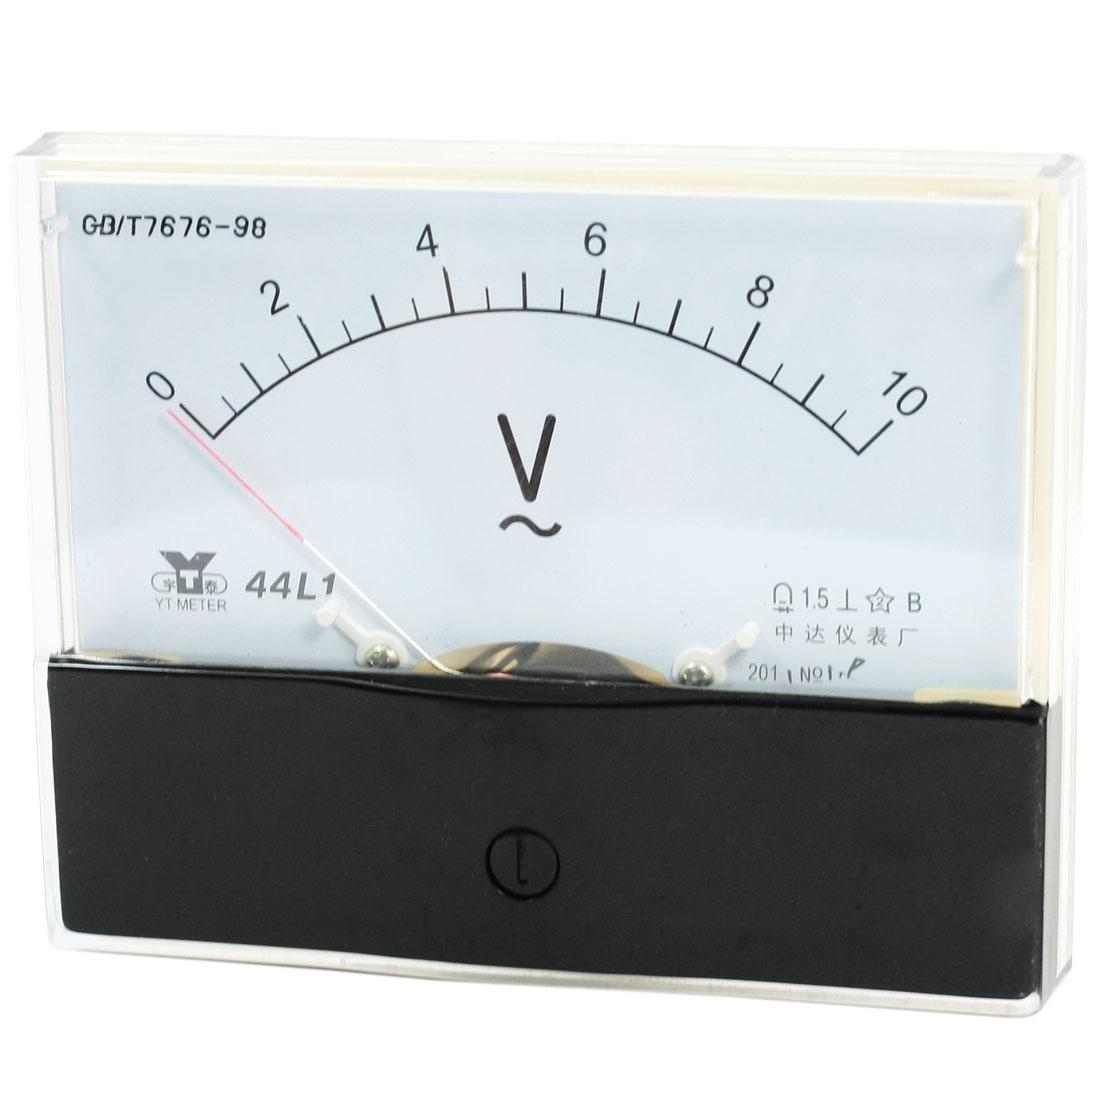 Rectangle Measurement Tool Analog Panel Voltmeter Volt Meter AC 0 - 10V Measuring Range